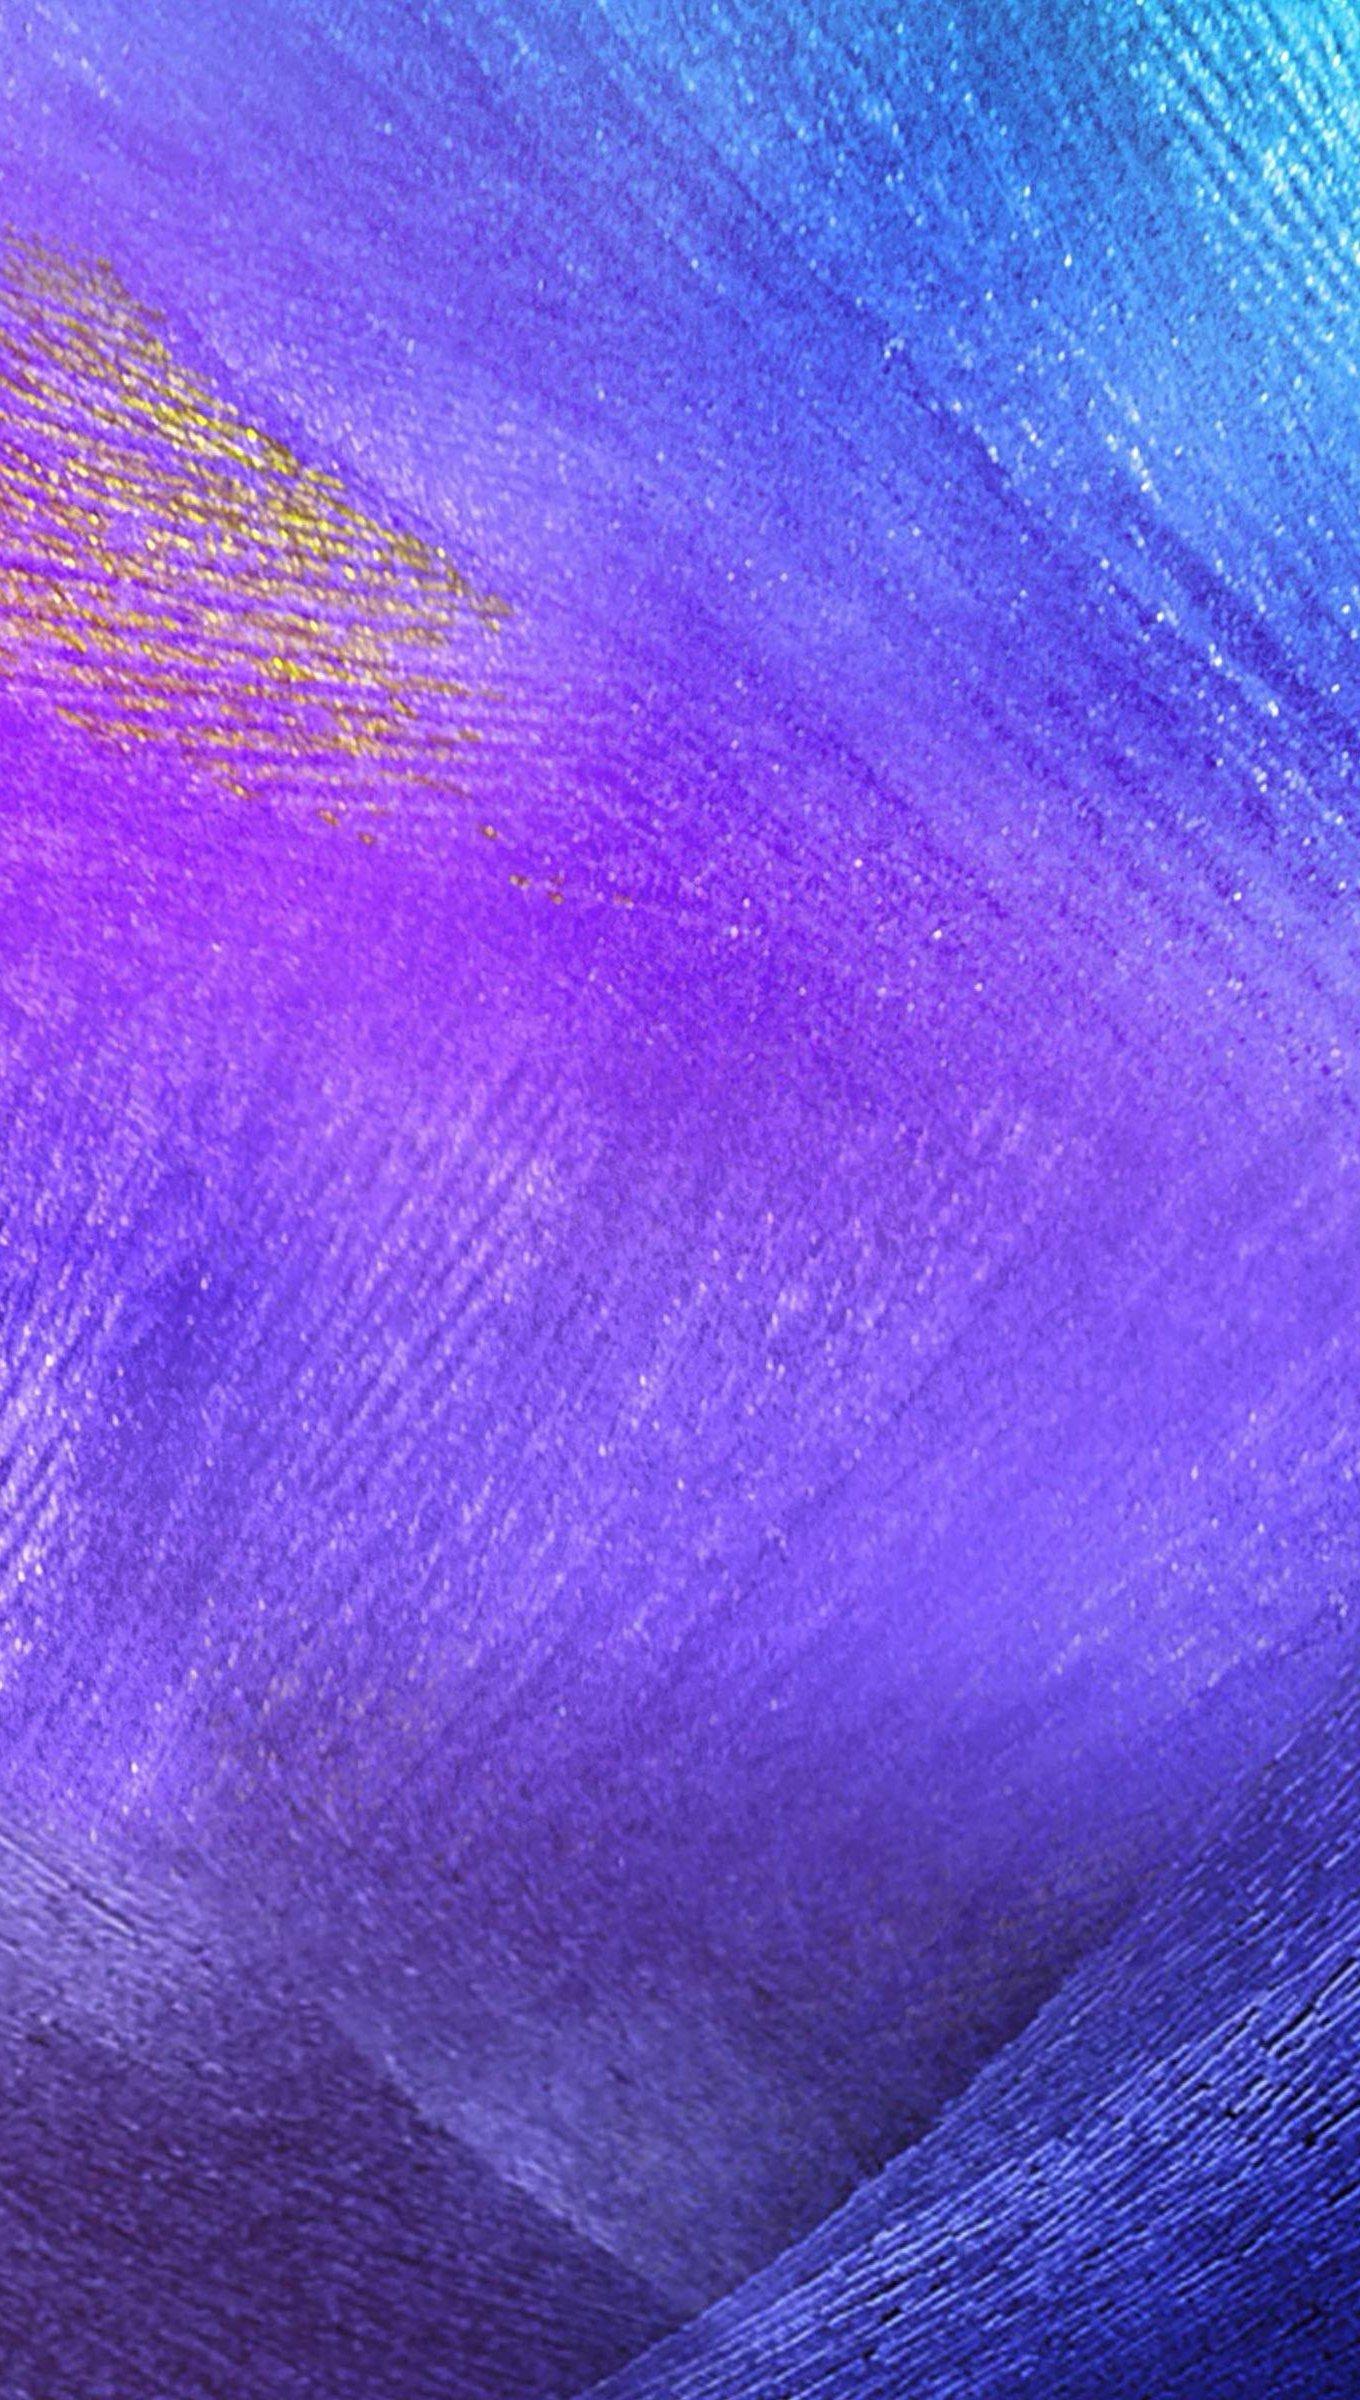 Fondos de pantalla Plumas de ave abstractas Vertical